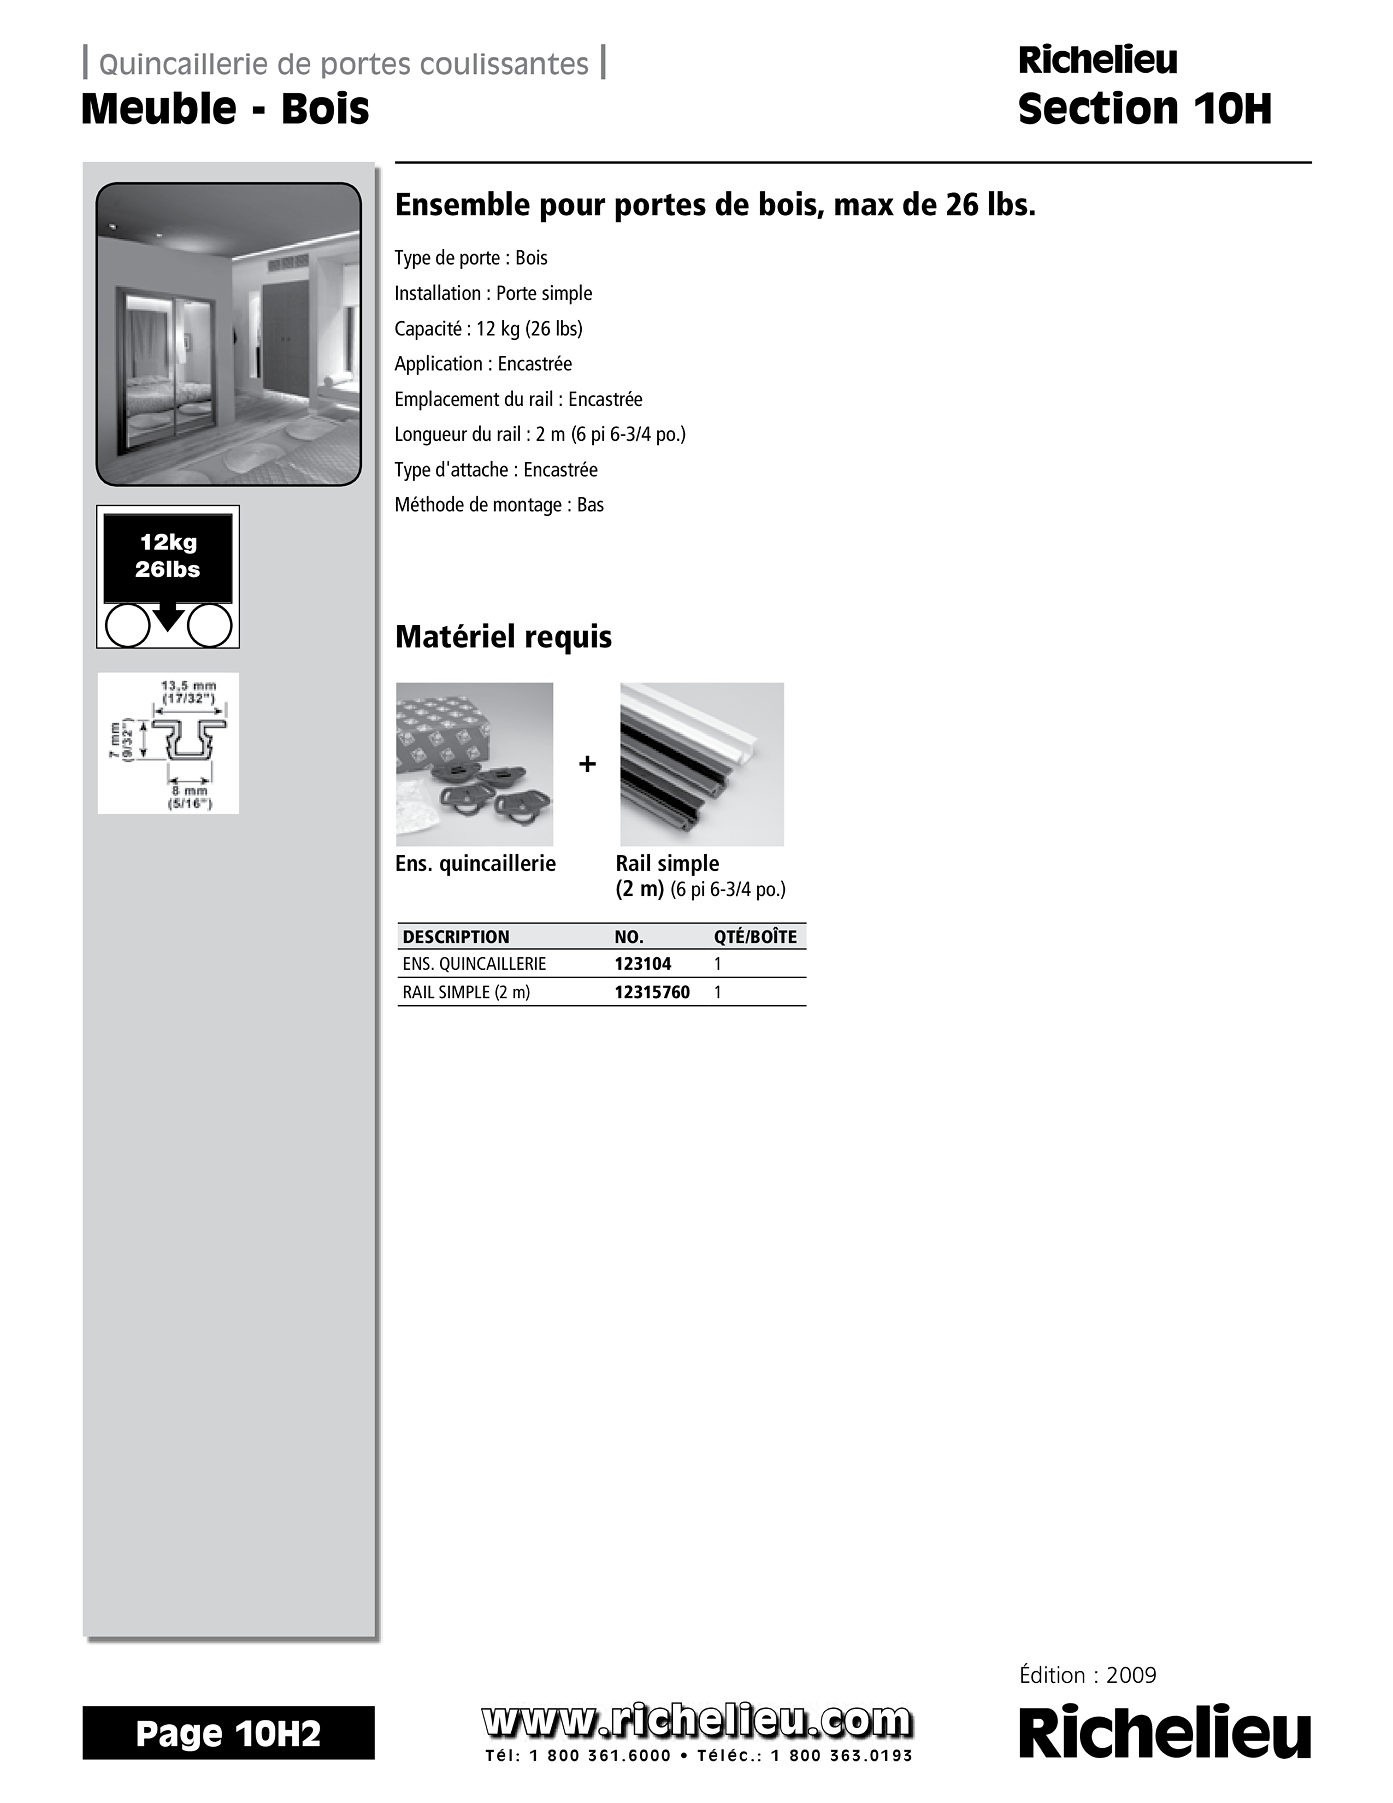 librairie des catalogues richelieu meuble bois page 1 quincaillerie richelieu. Black Bedroom Furniture Sets. Home Design Ideas